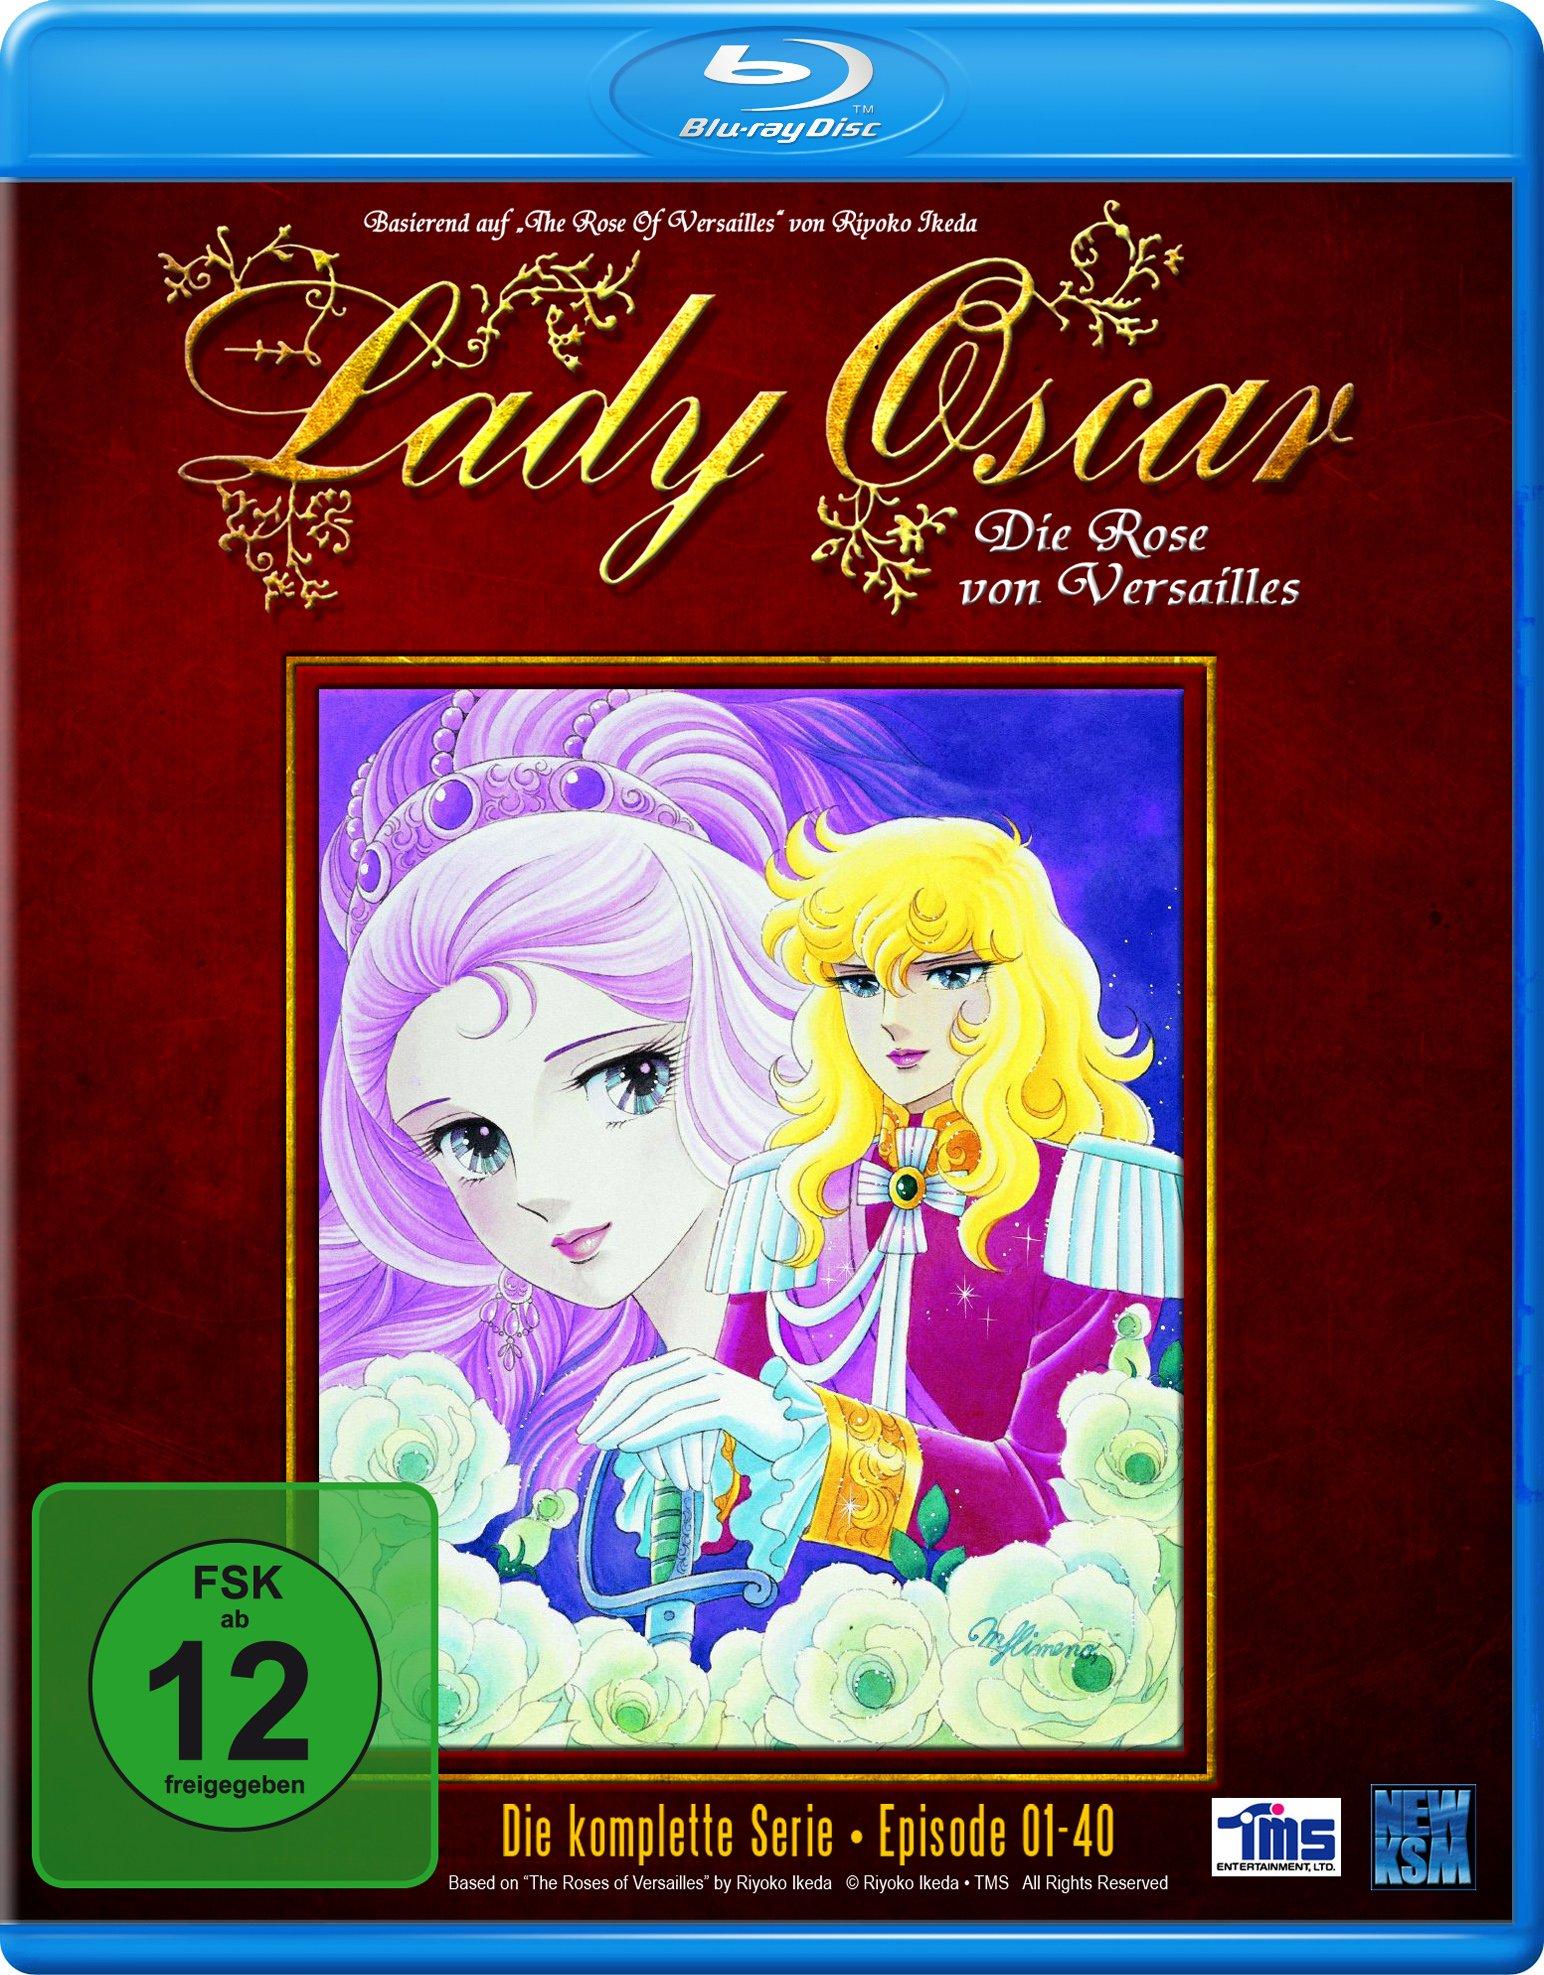 Lady Oscar - Die Rose von Versailles - Die komplette Serie: Episode 01-40 [Blu-ray] [Edizione: Germa